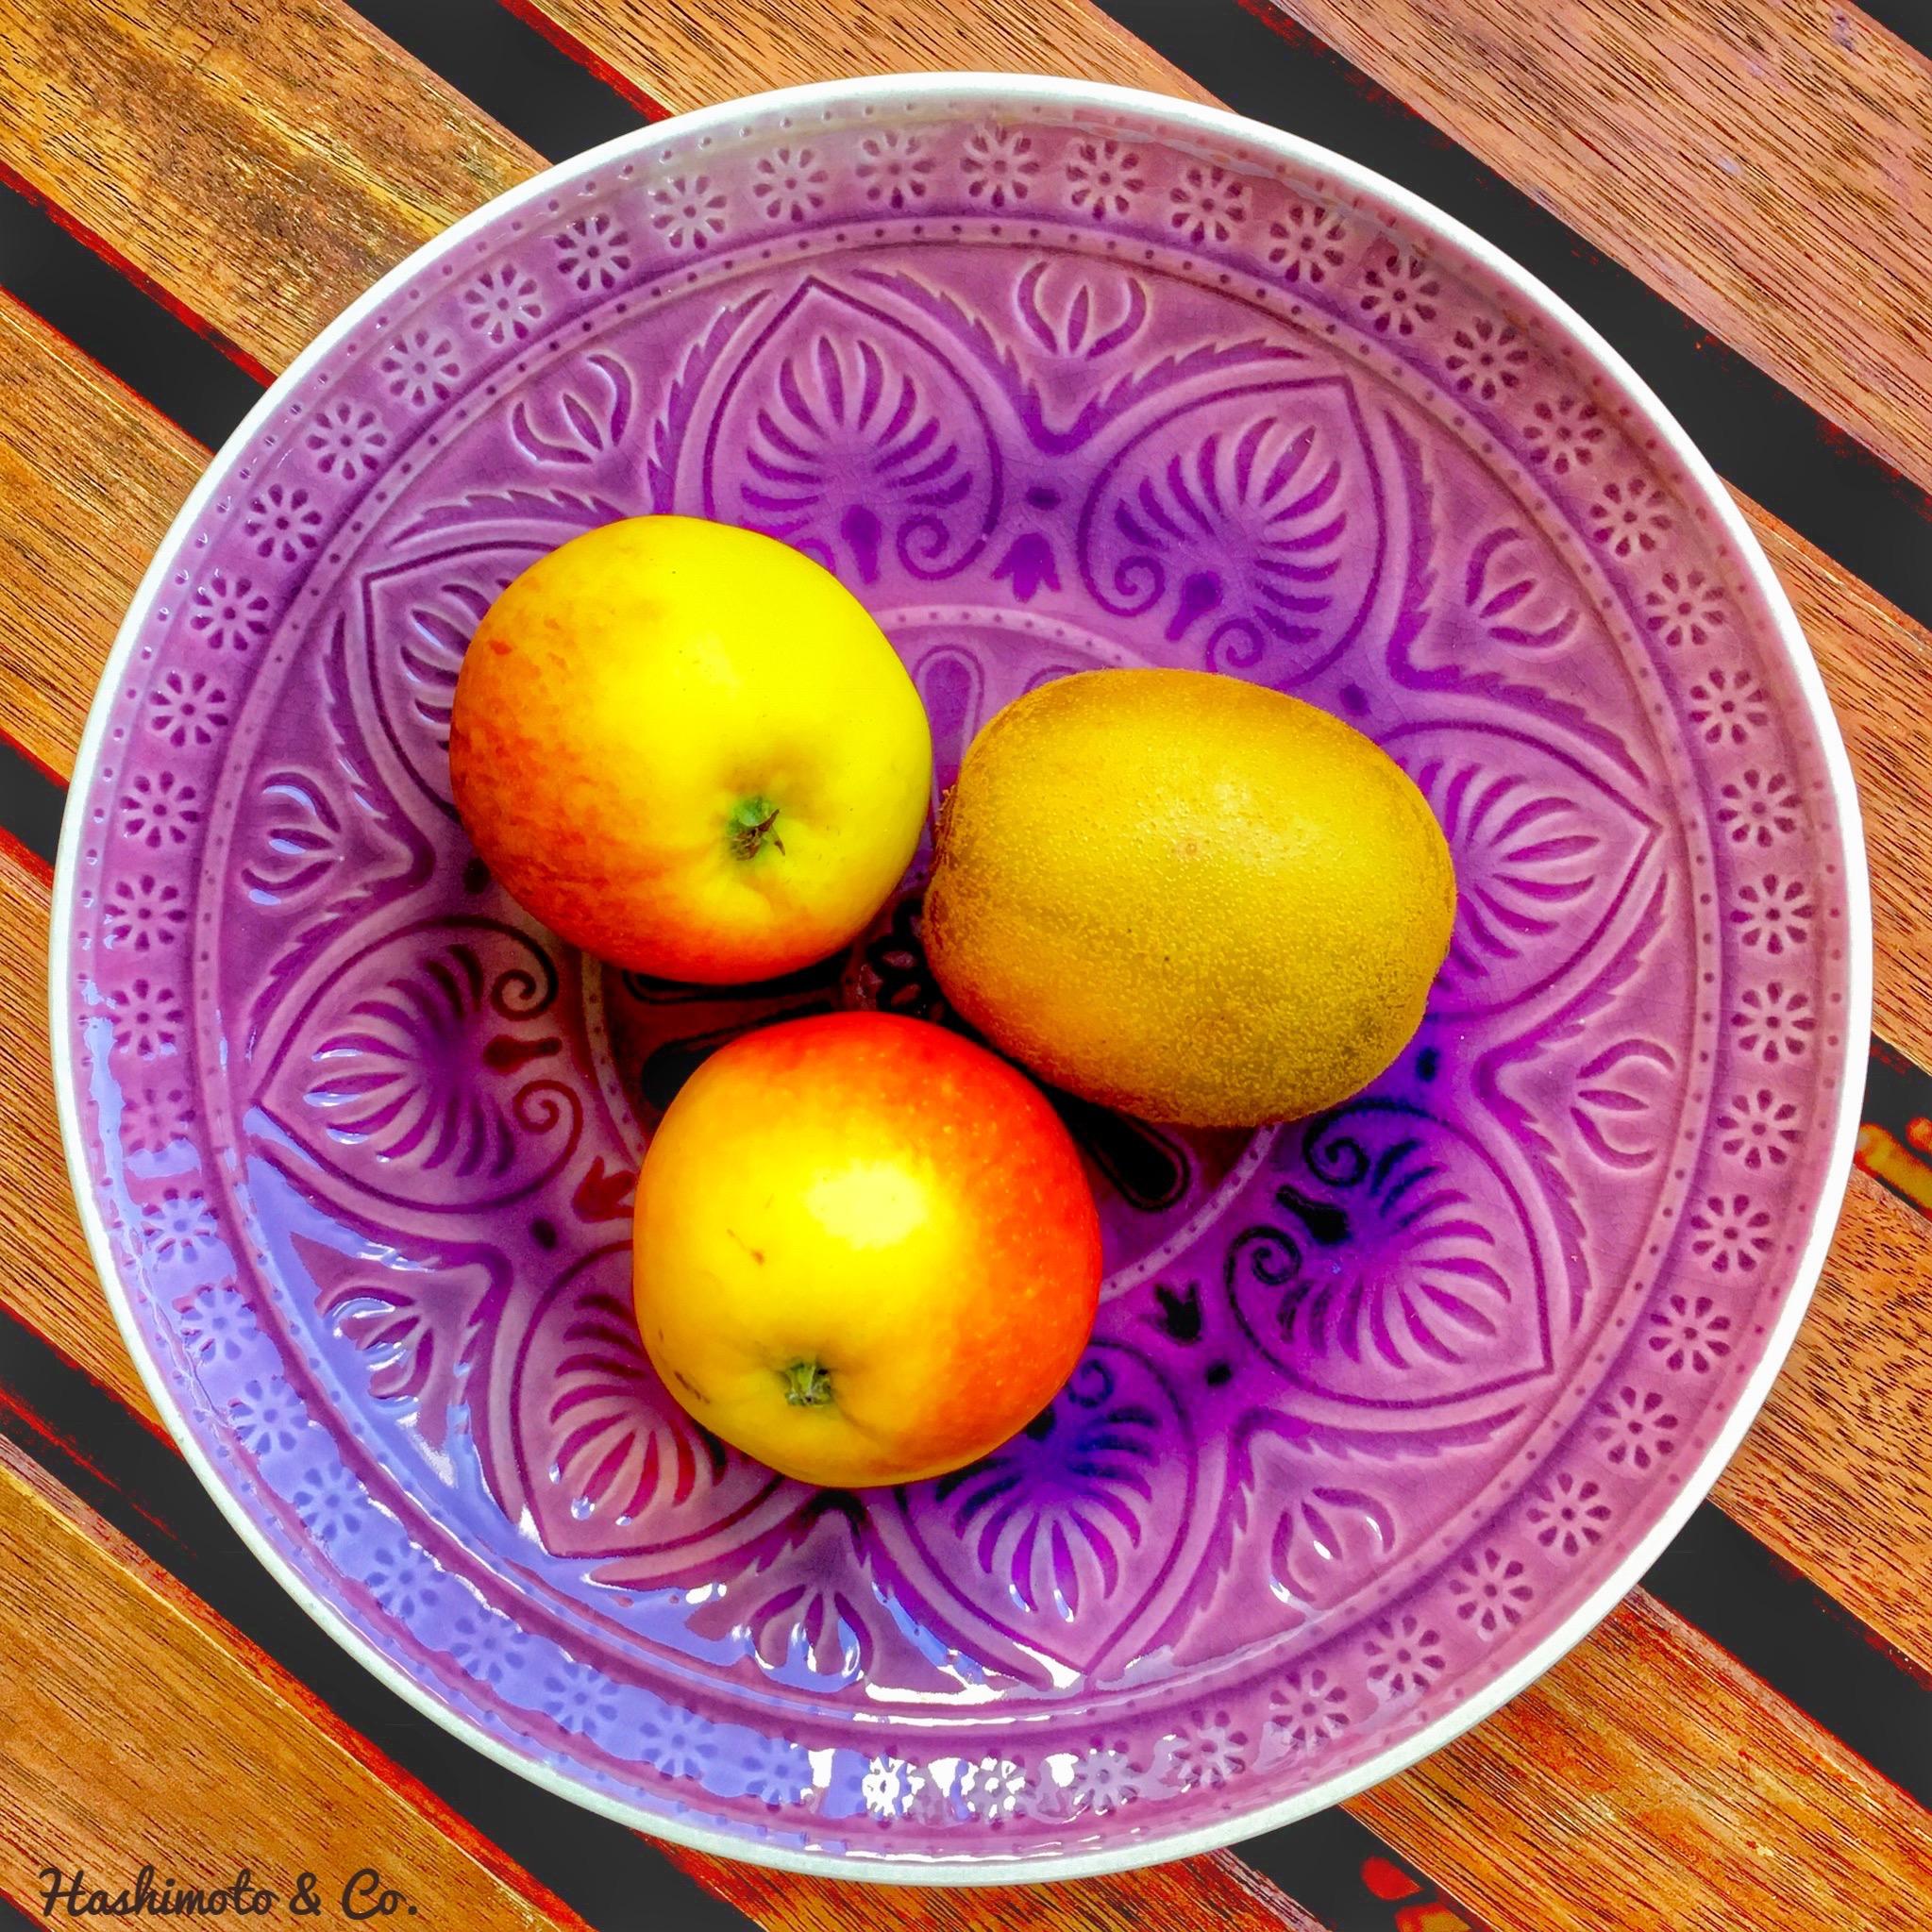 Zwei mittelgroße Äpfel und eine mittelgroße Kiwi entsprechen 20 Gramm Fructose.